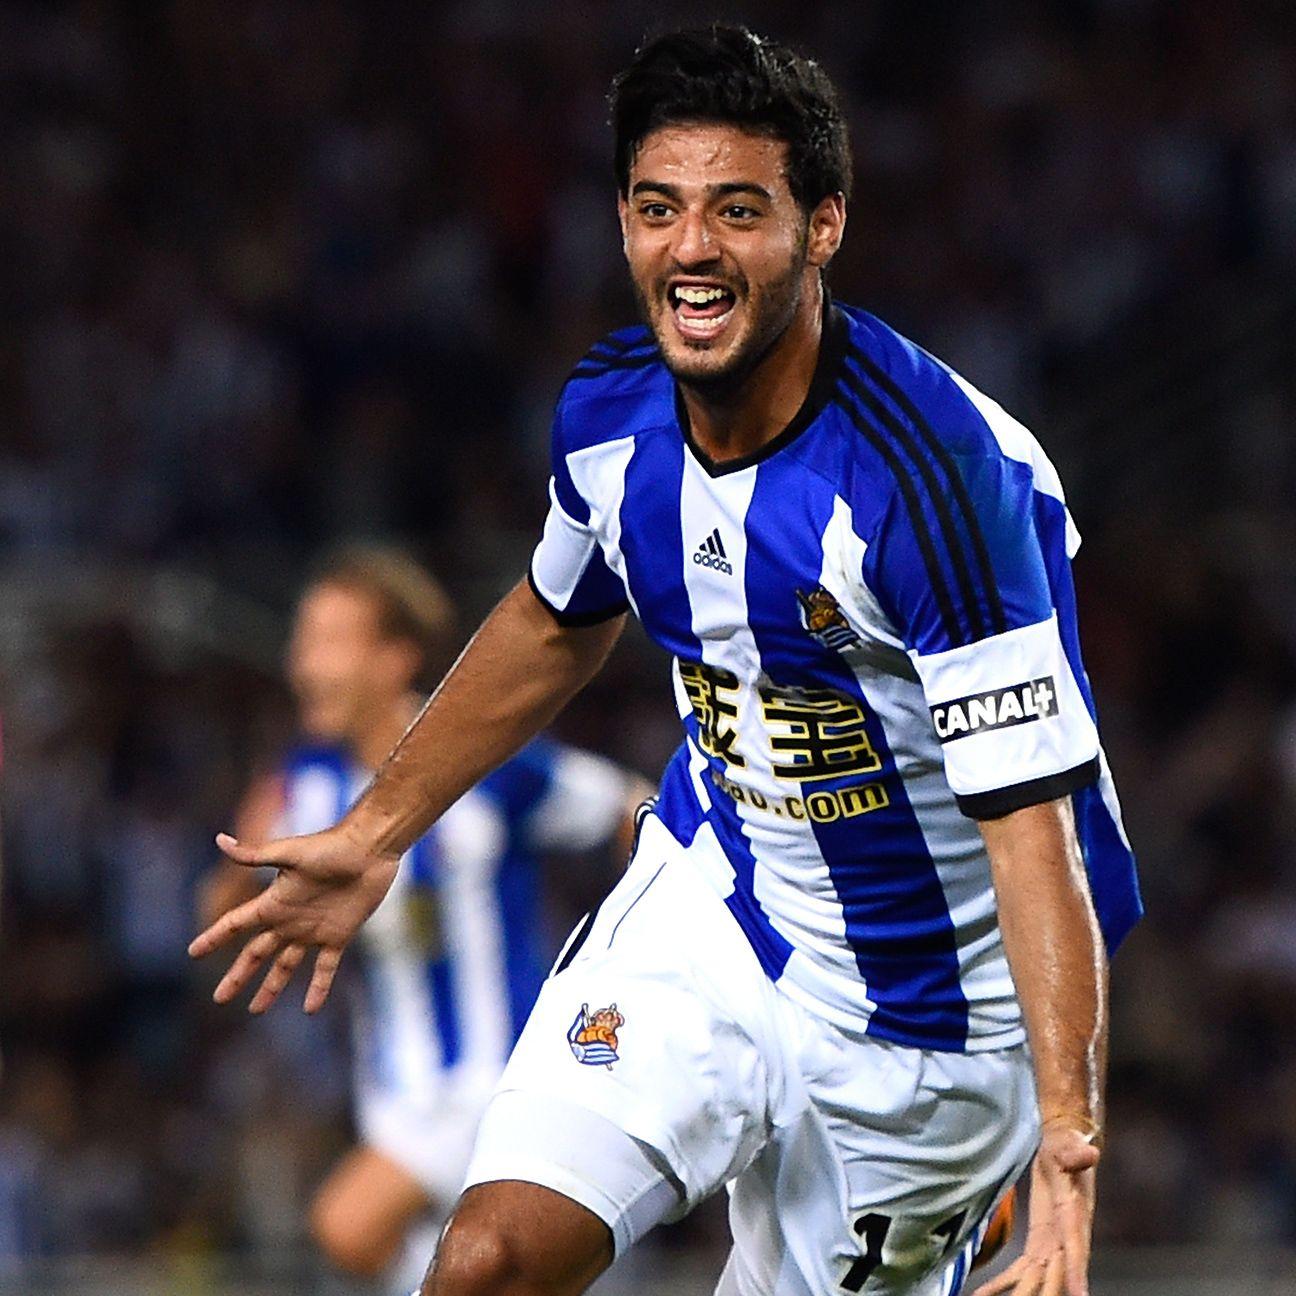 Injuries have limited Carlos Vela's 2014-15 season thus far at Real Sociedad.